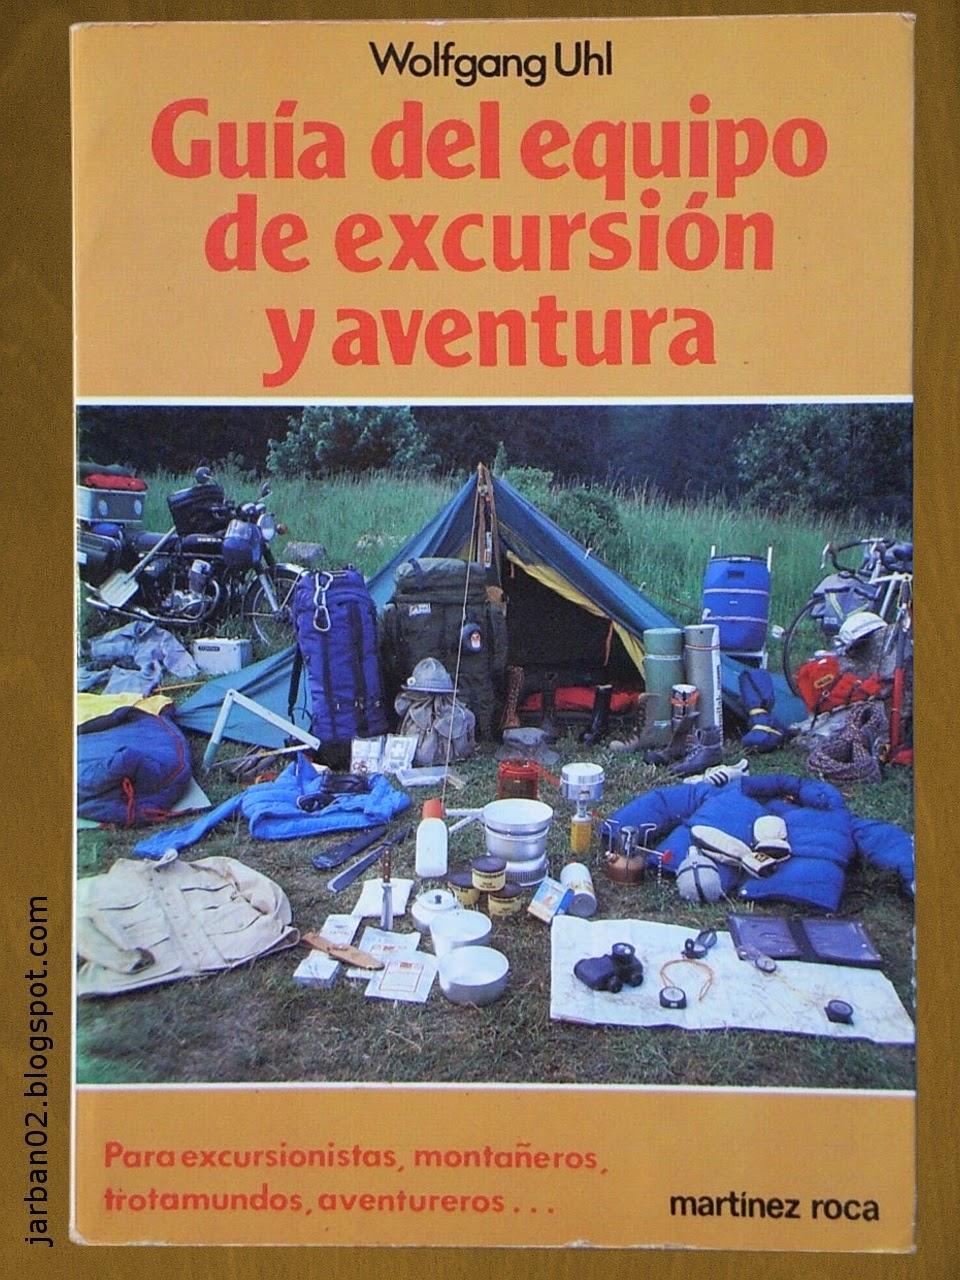 jarban02_pic062: Guía del equipo de excursión y aventura de Wolfgang Uhl